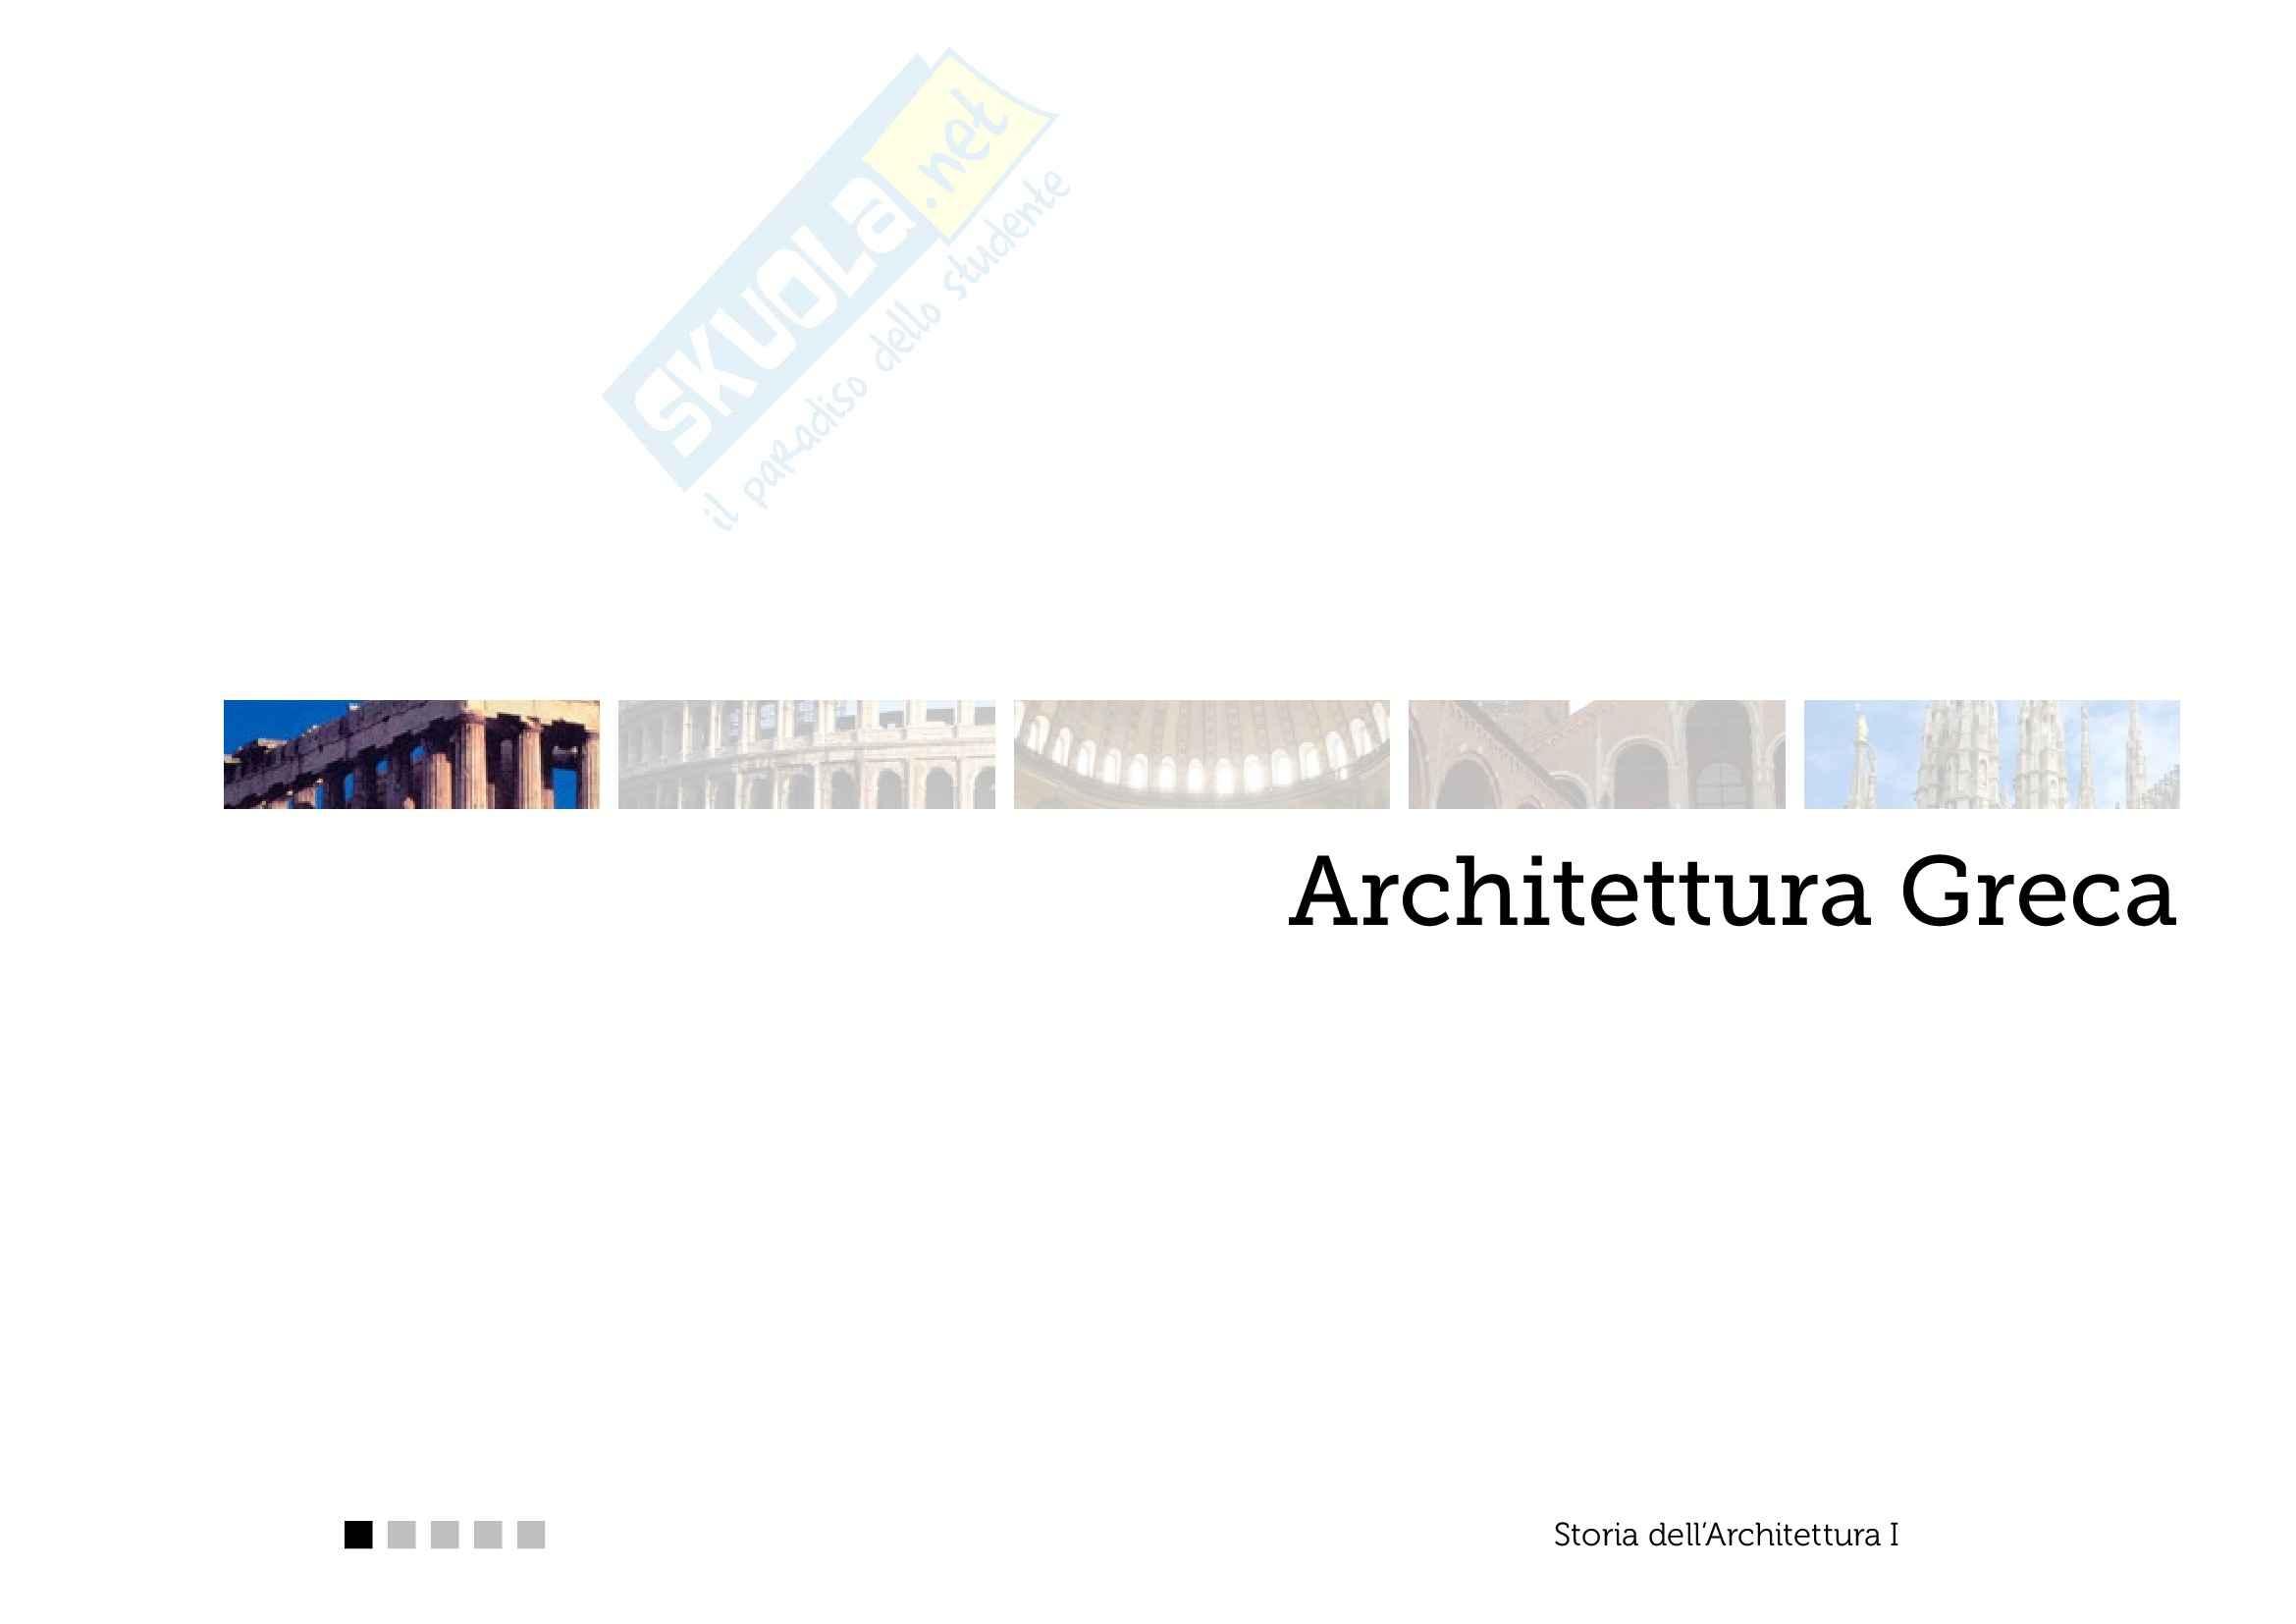 Architettura Greca - Appunti parte 1